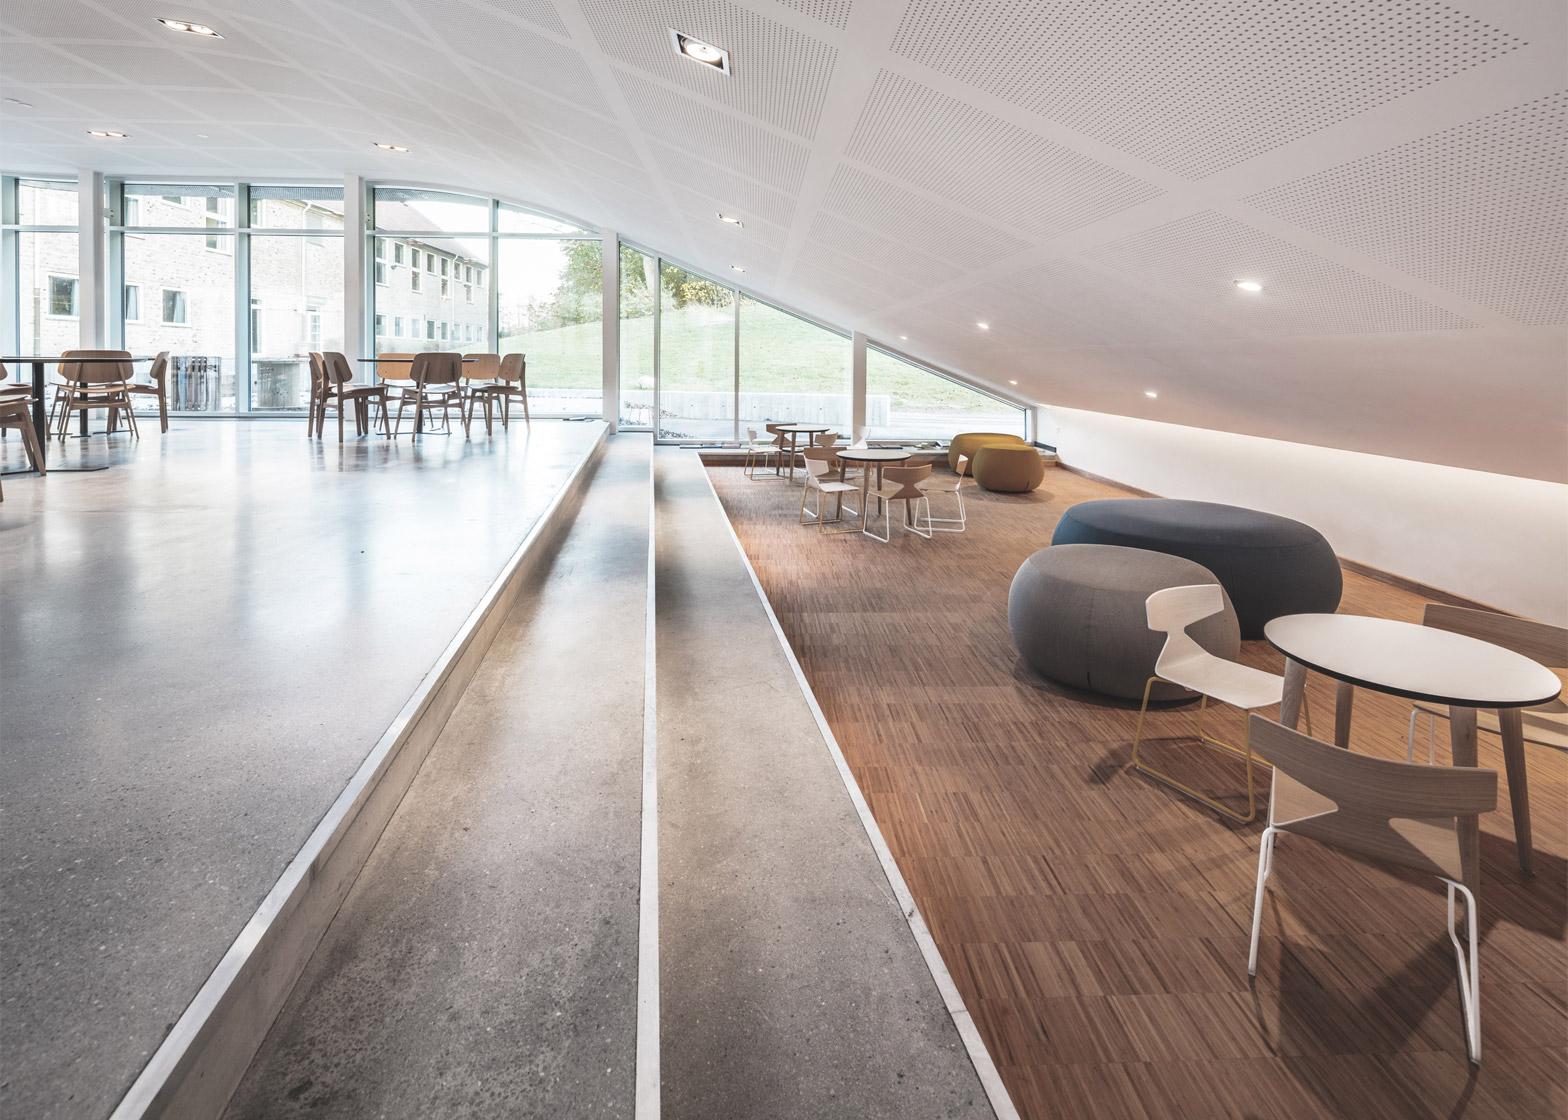 Mariehoj Culture centre by Sophus Sobye Arkitekter